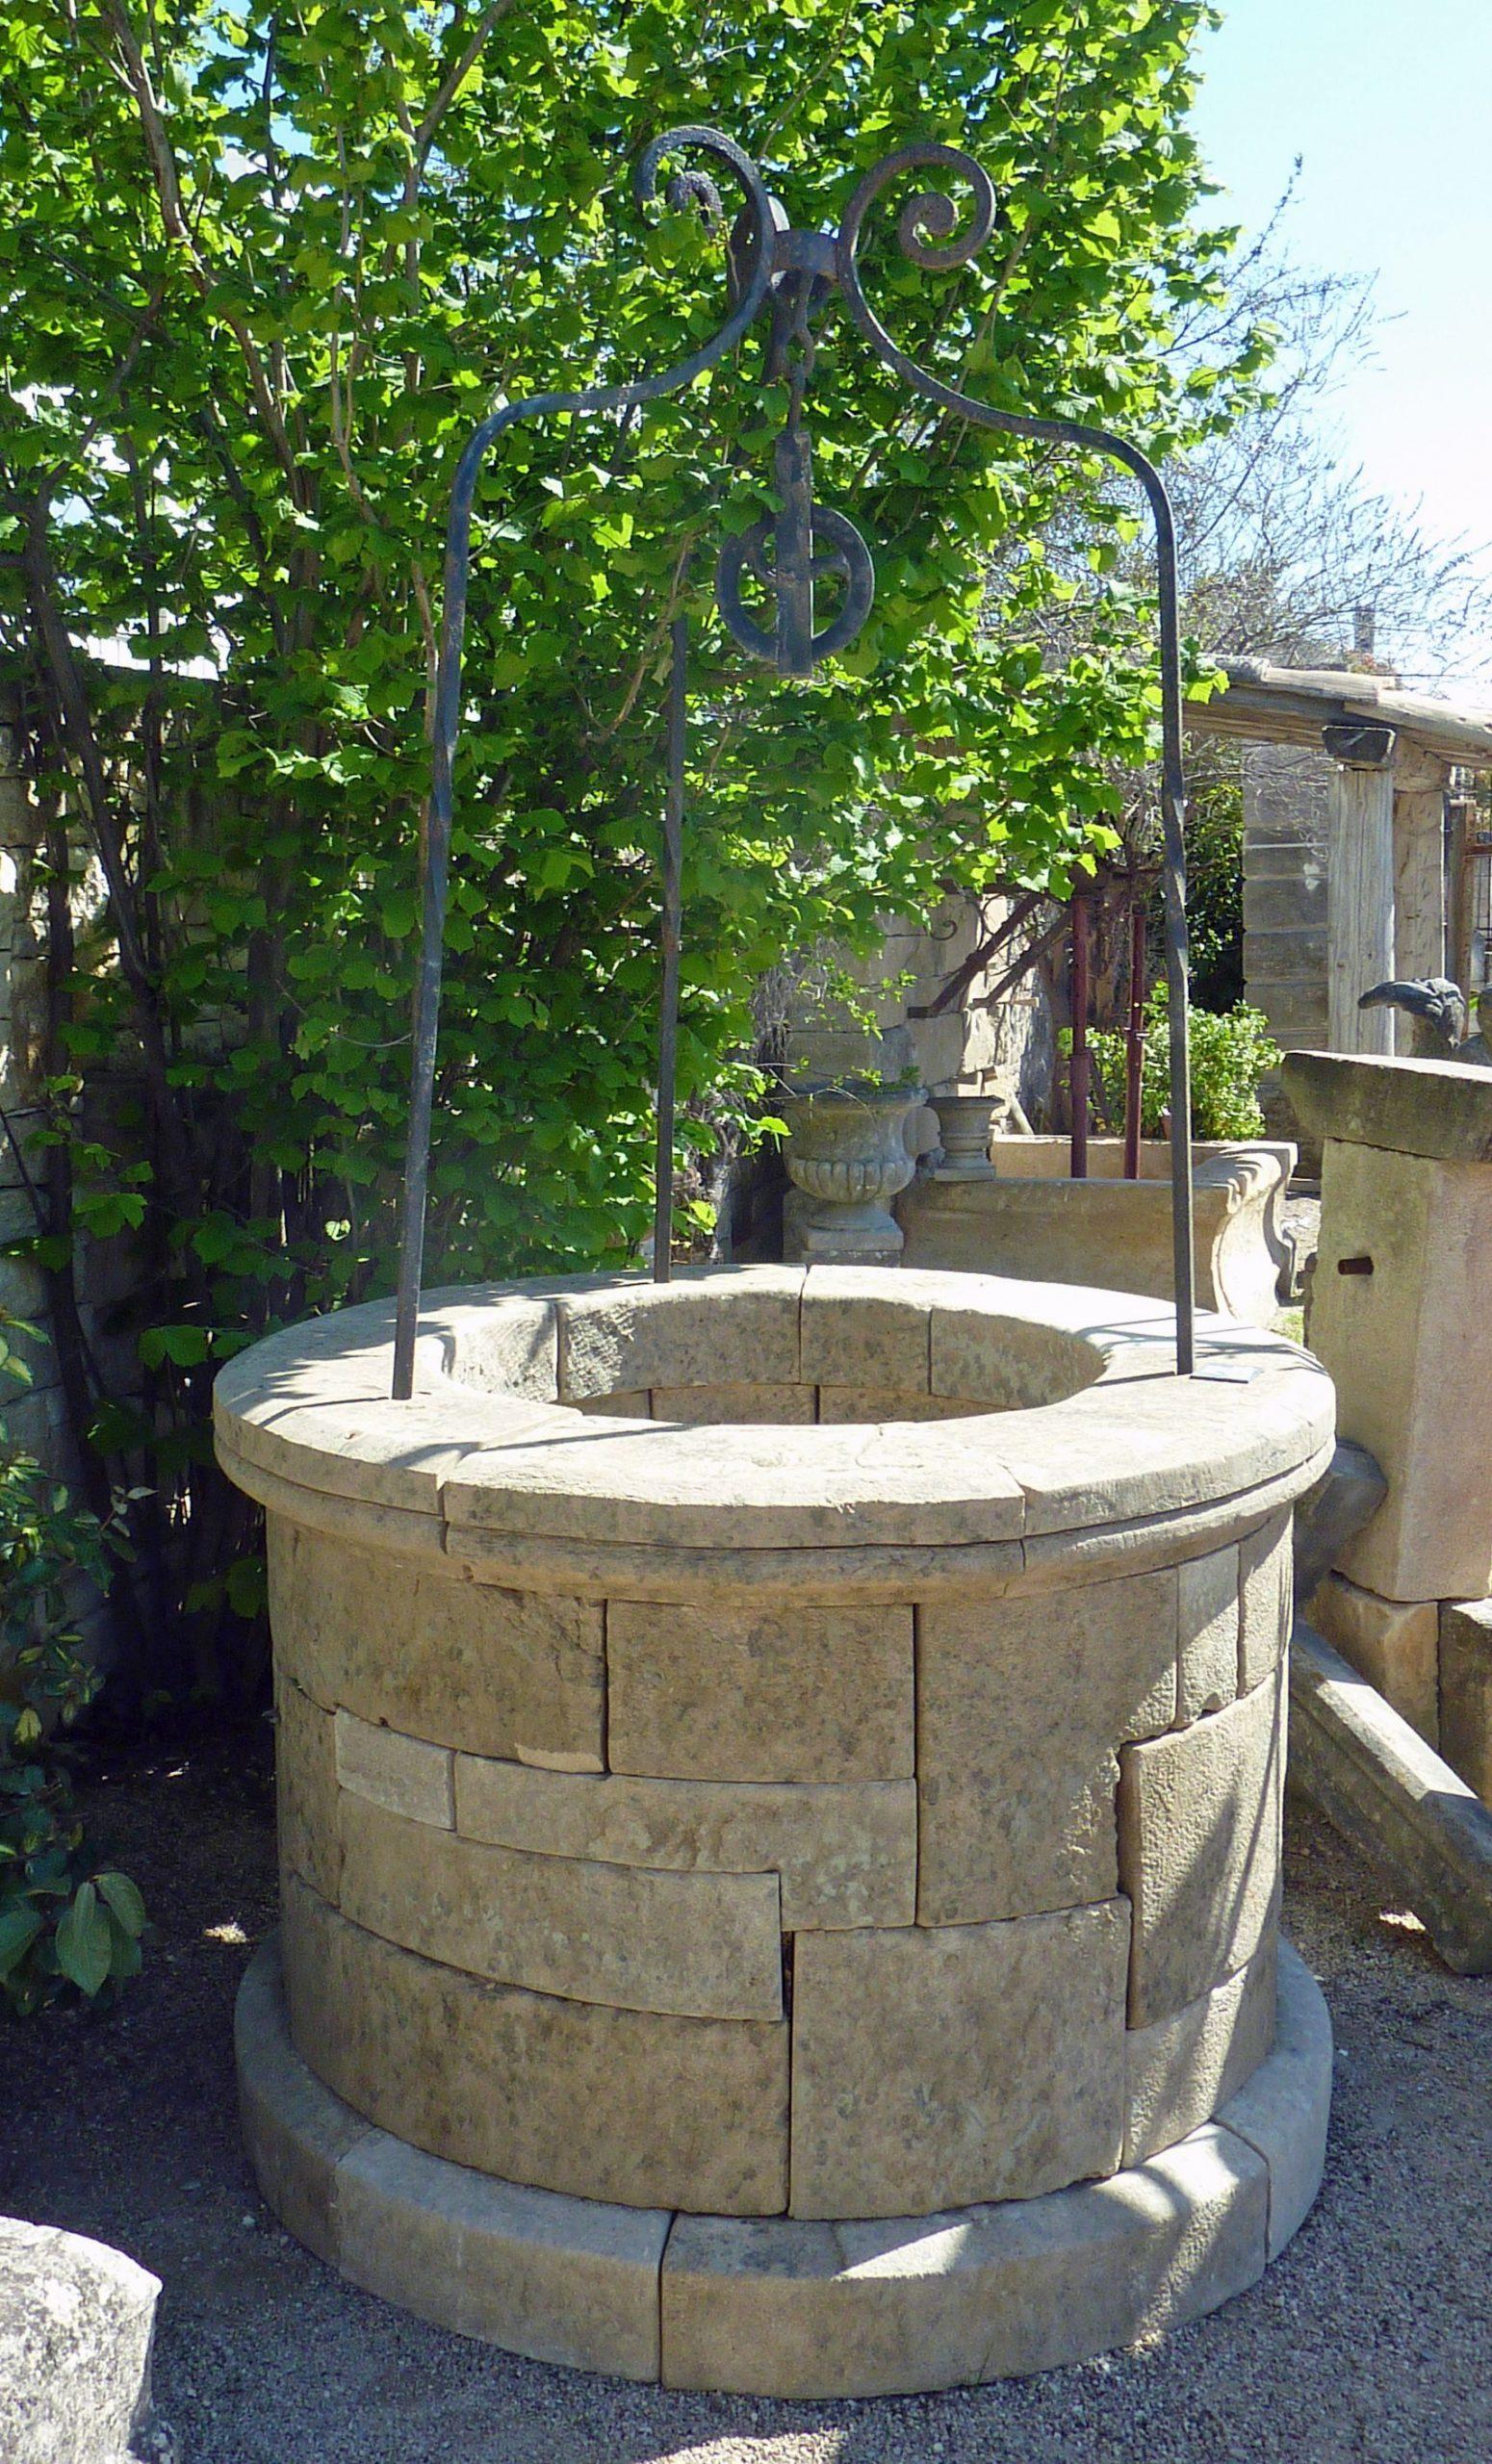 Puits De Jardin Avec Fût Circulaire Composé De Belles ... serapportantà Puit Decoratif Jardin